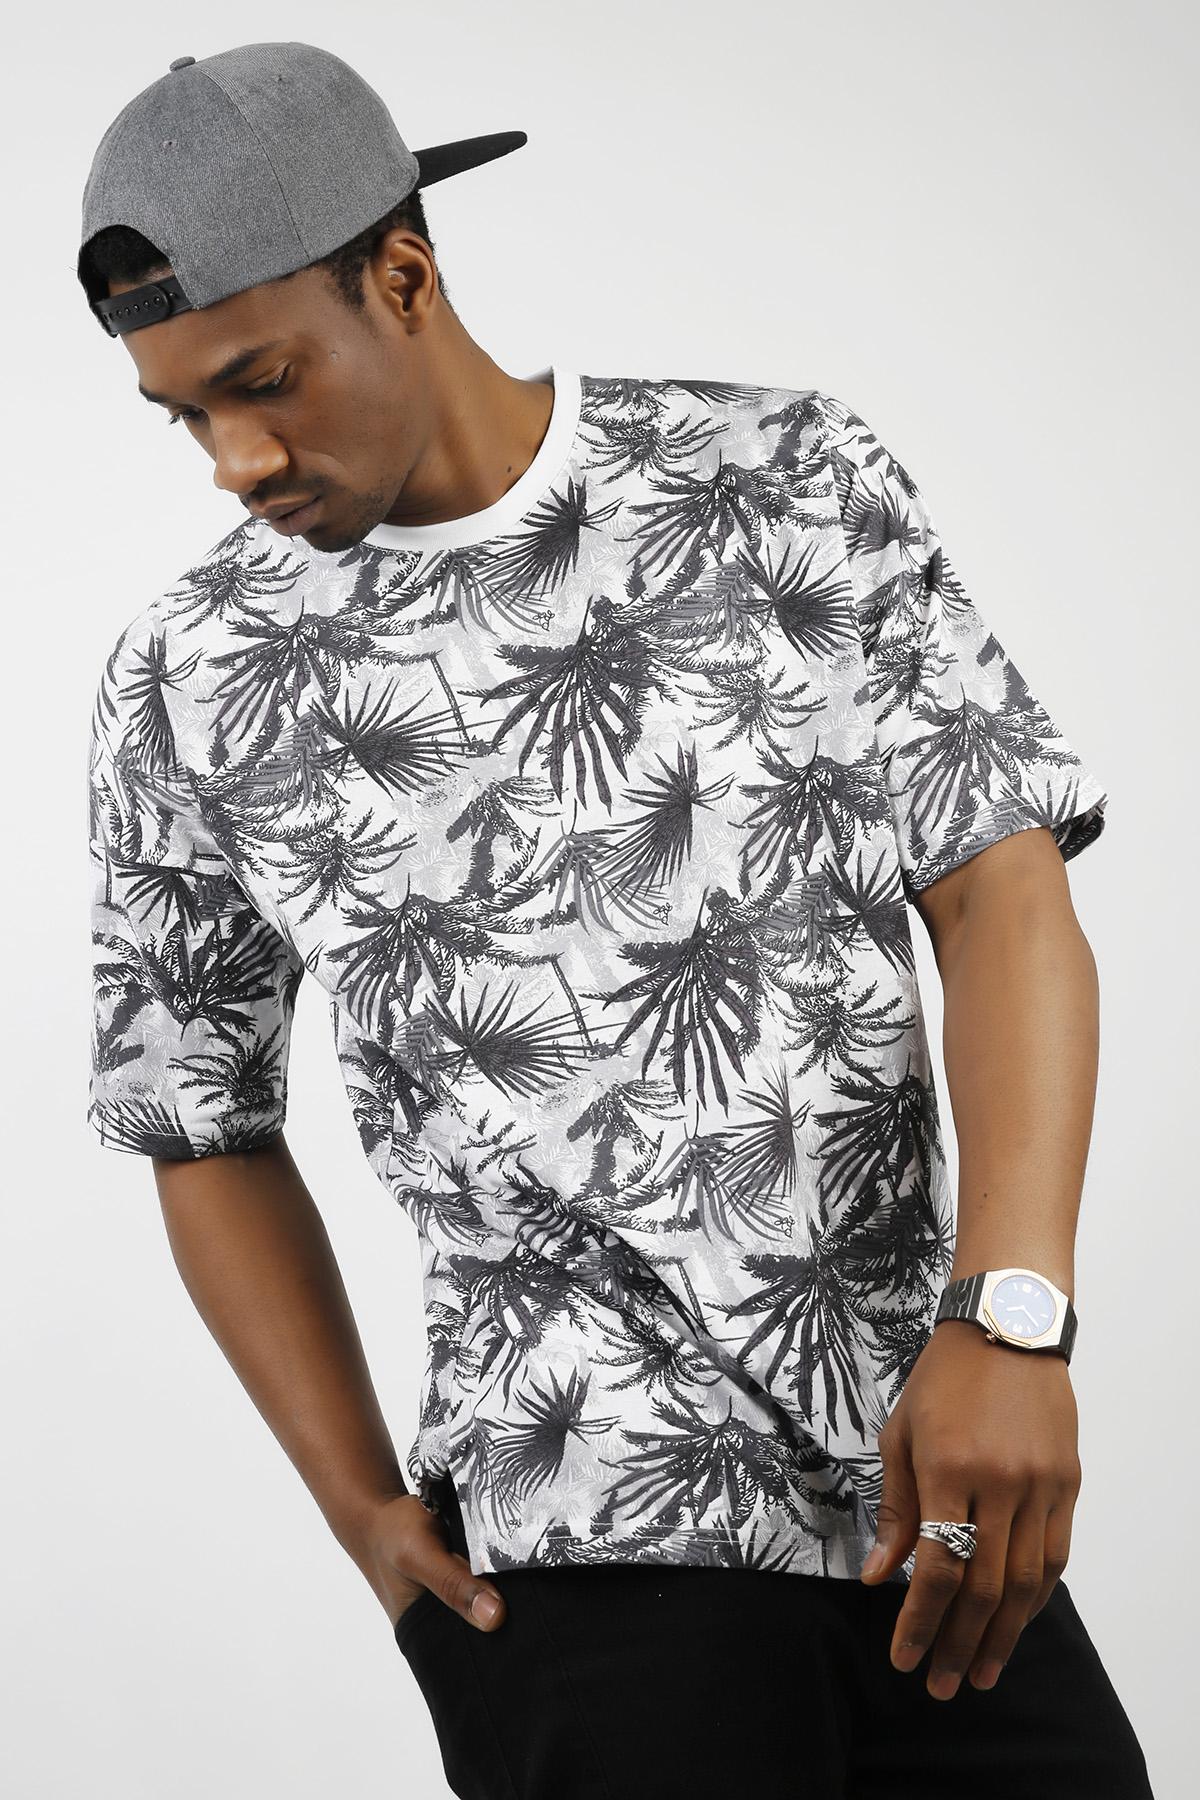 XHAN - Beyaz Desenli Oversize T-Shirt 1KXE1-44729-01